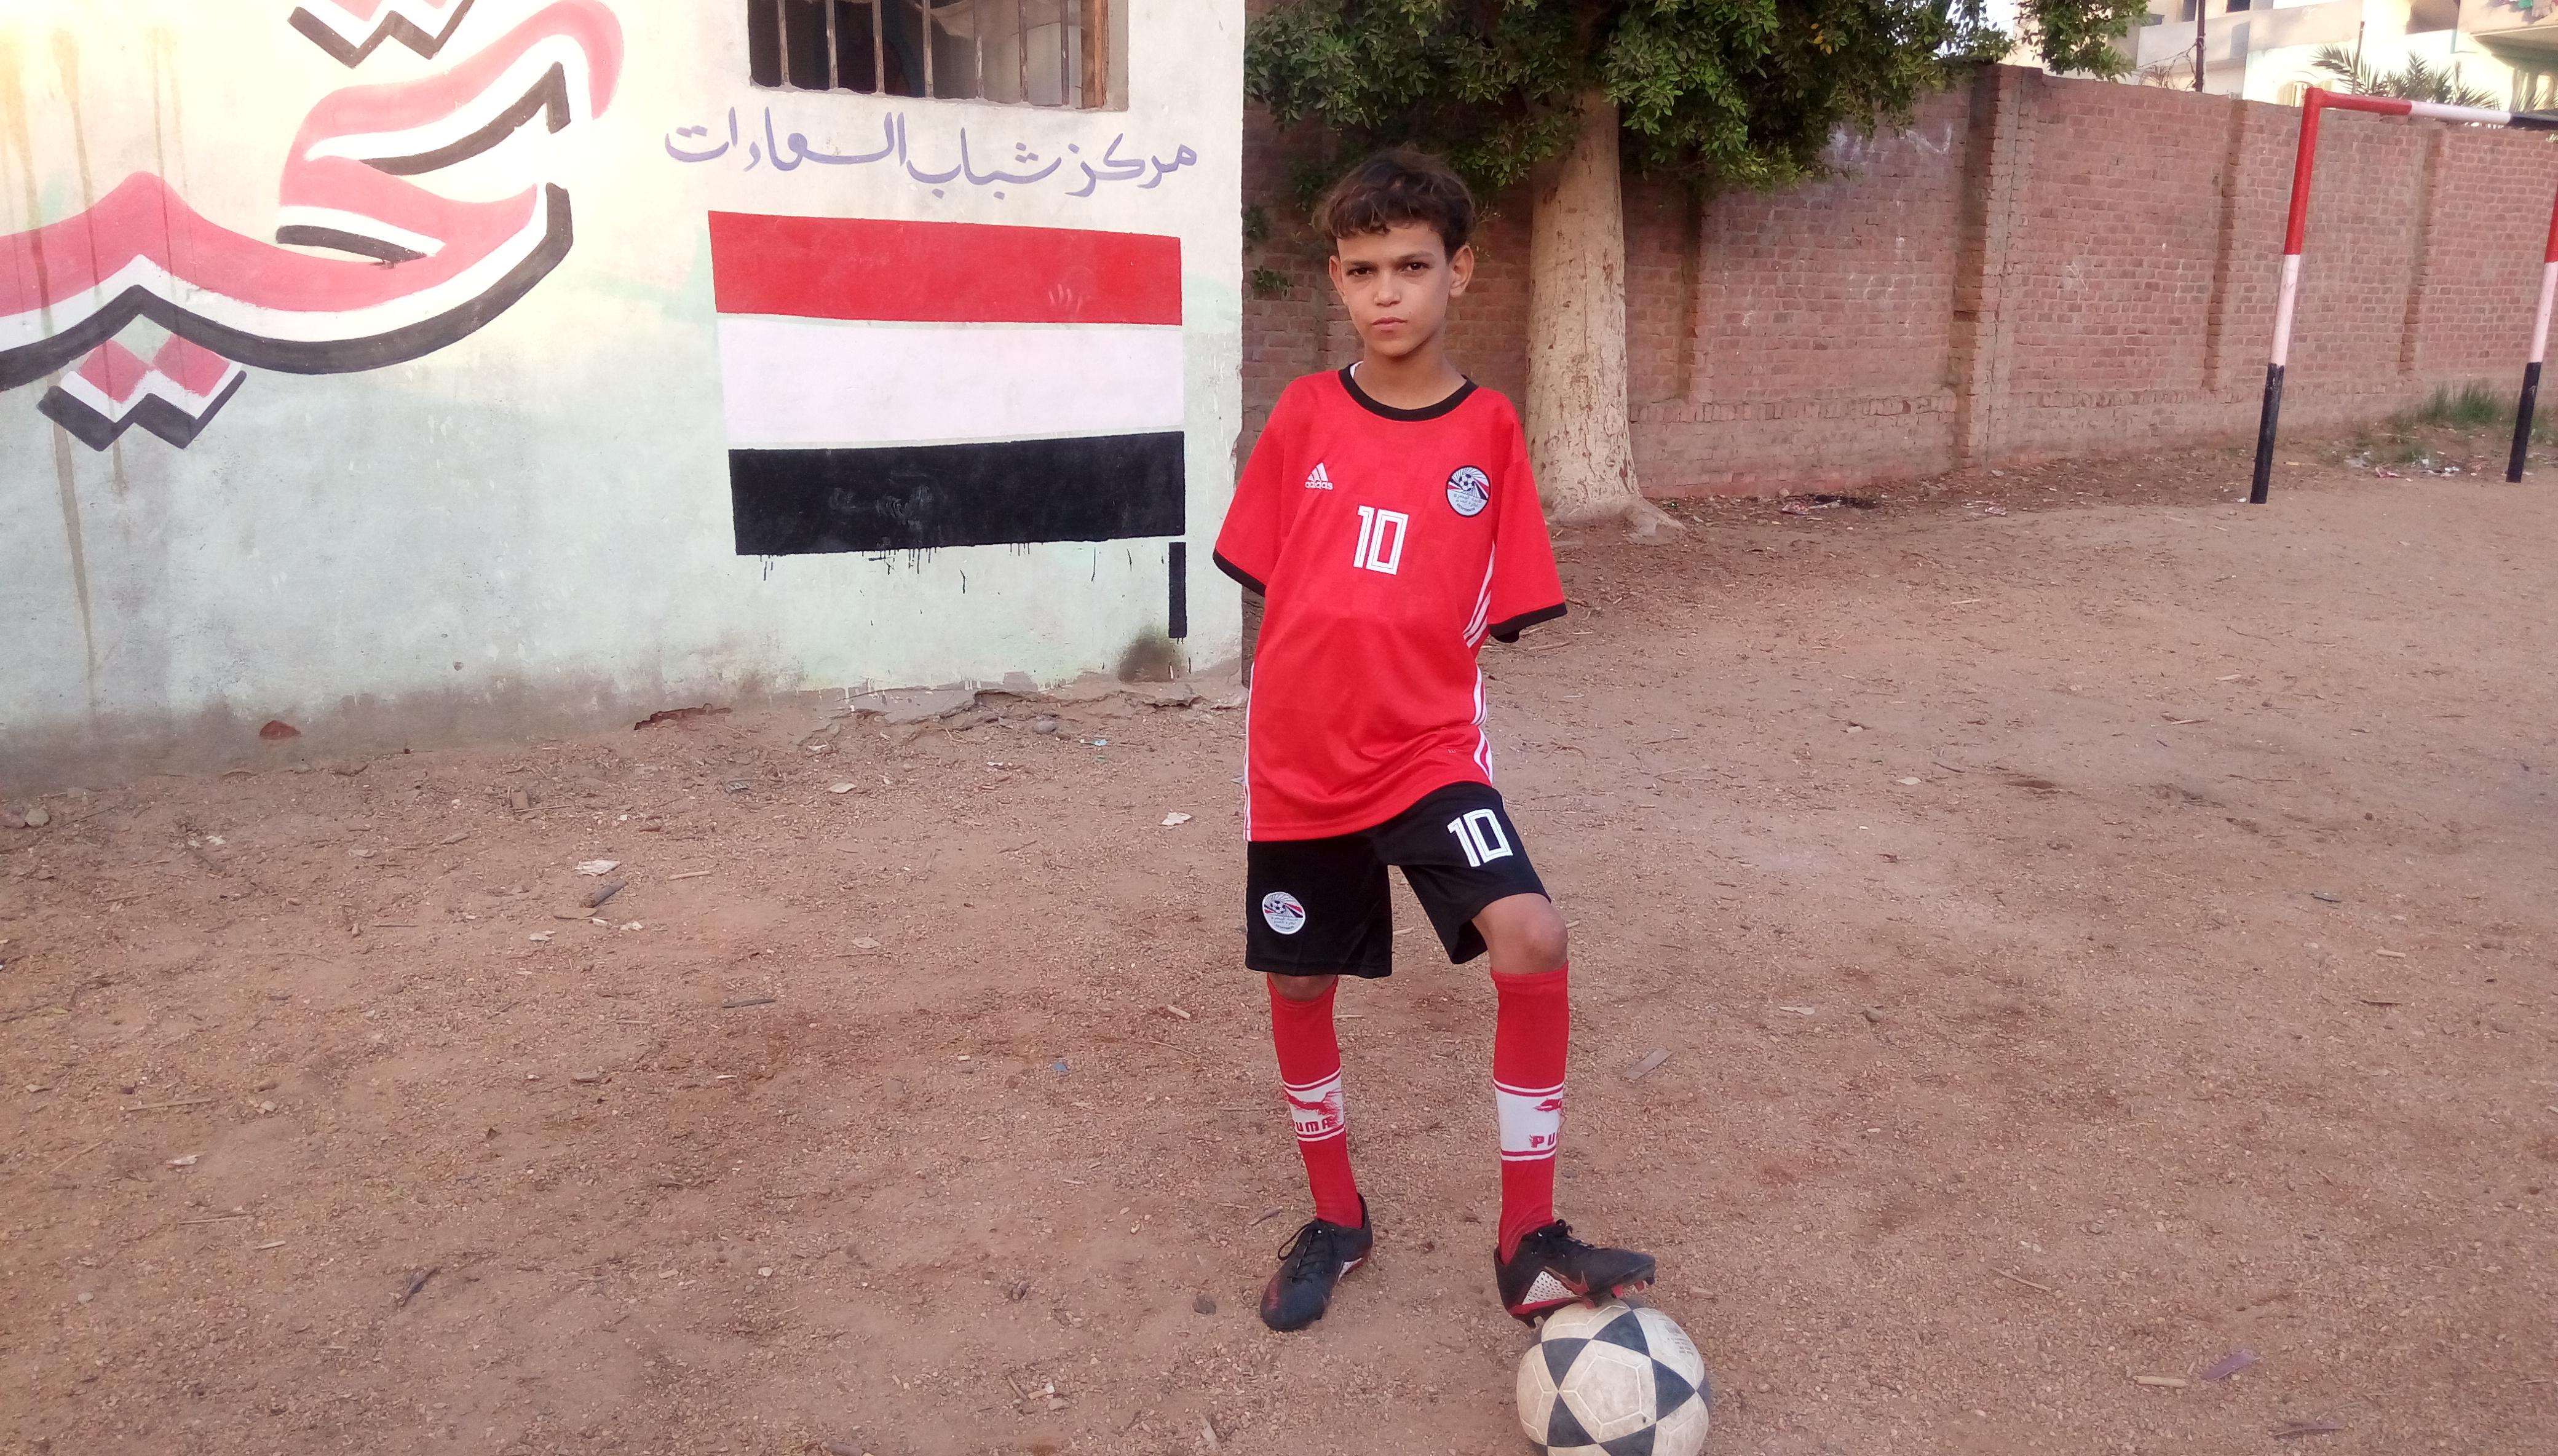 طفل هزم فقدان ذراعيه باحتراف كرة القدم فى الشرقية (3)